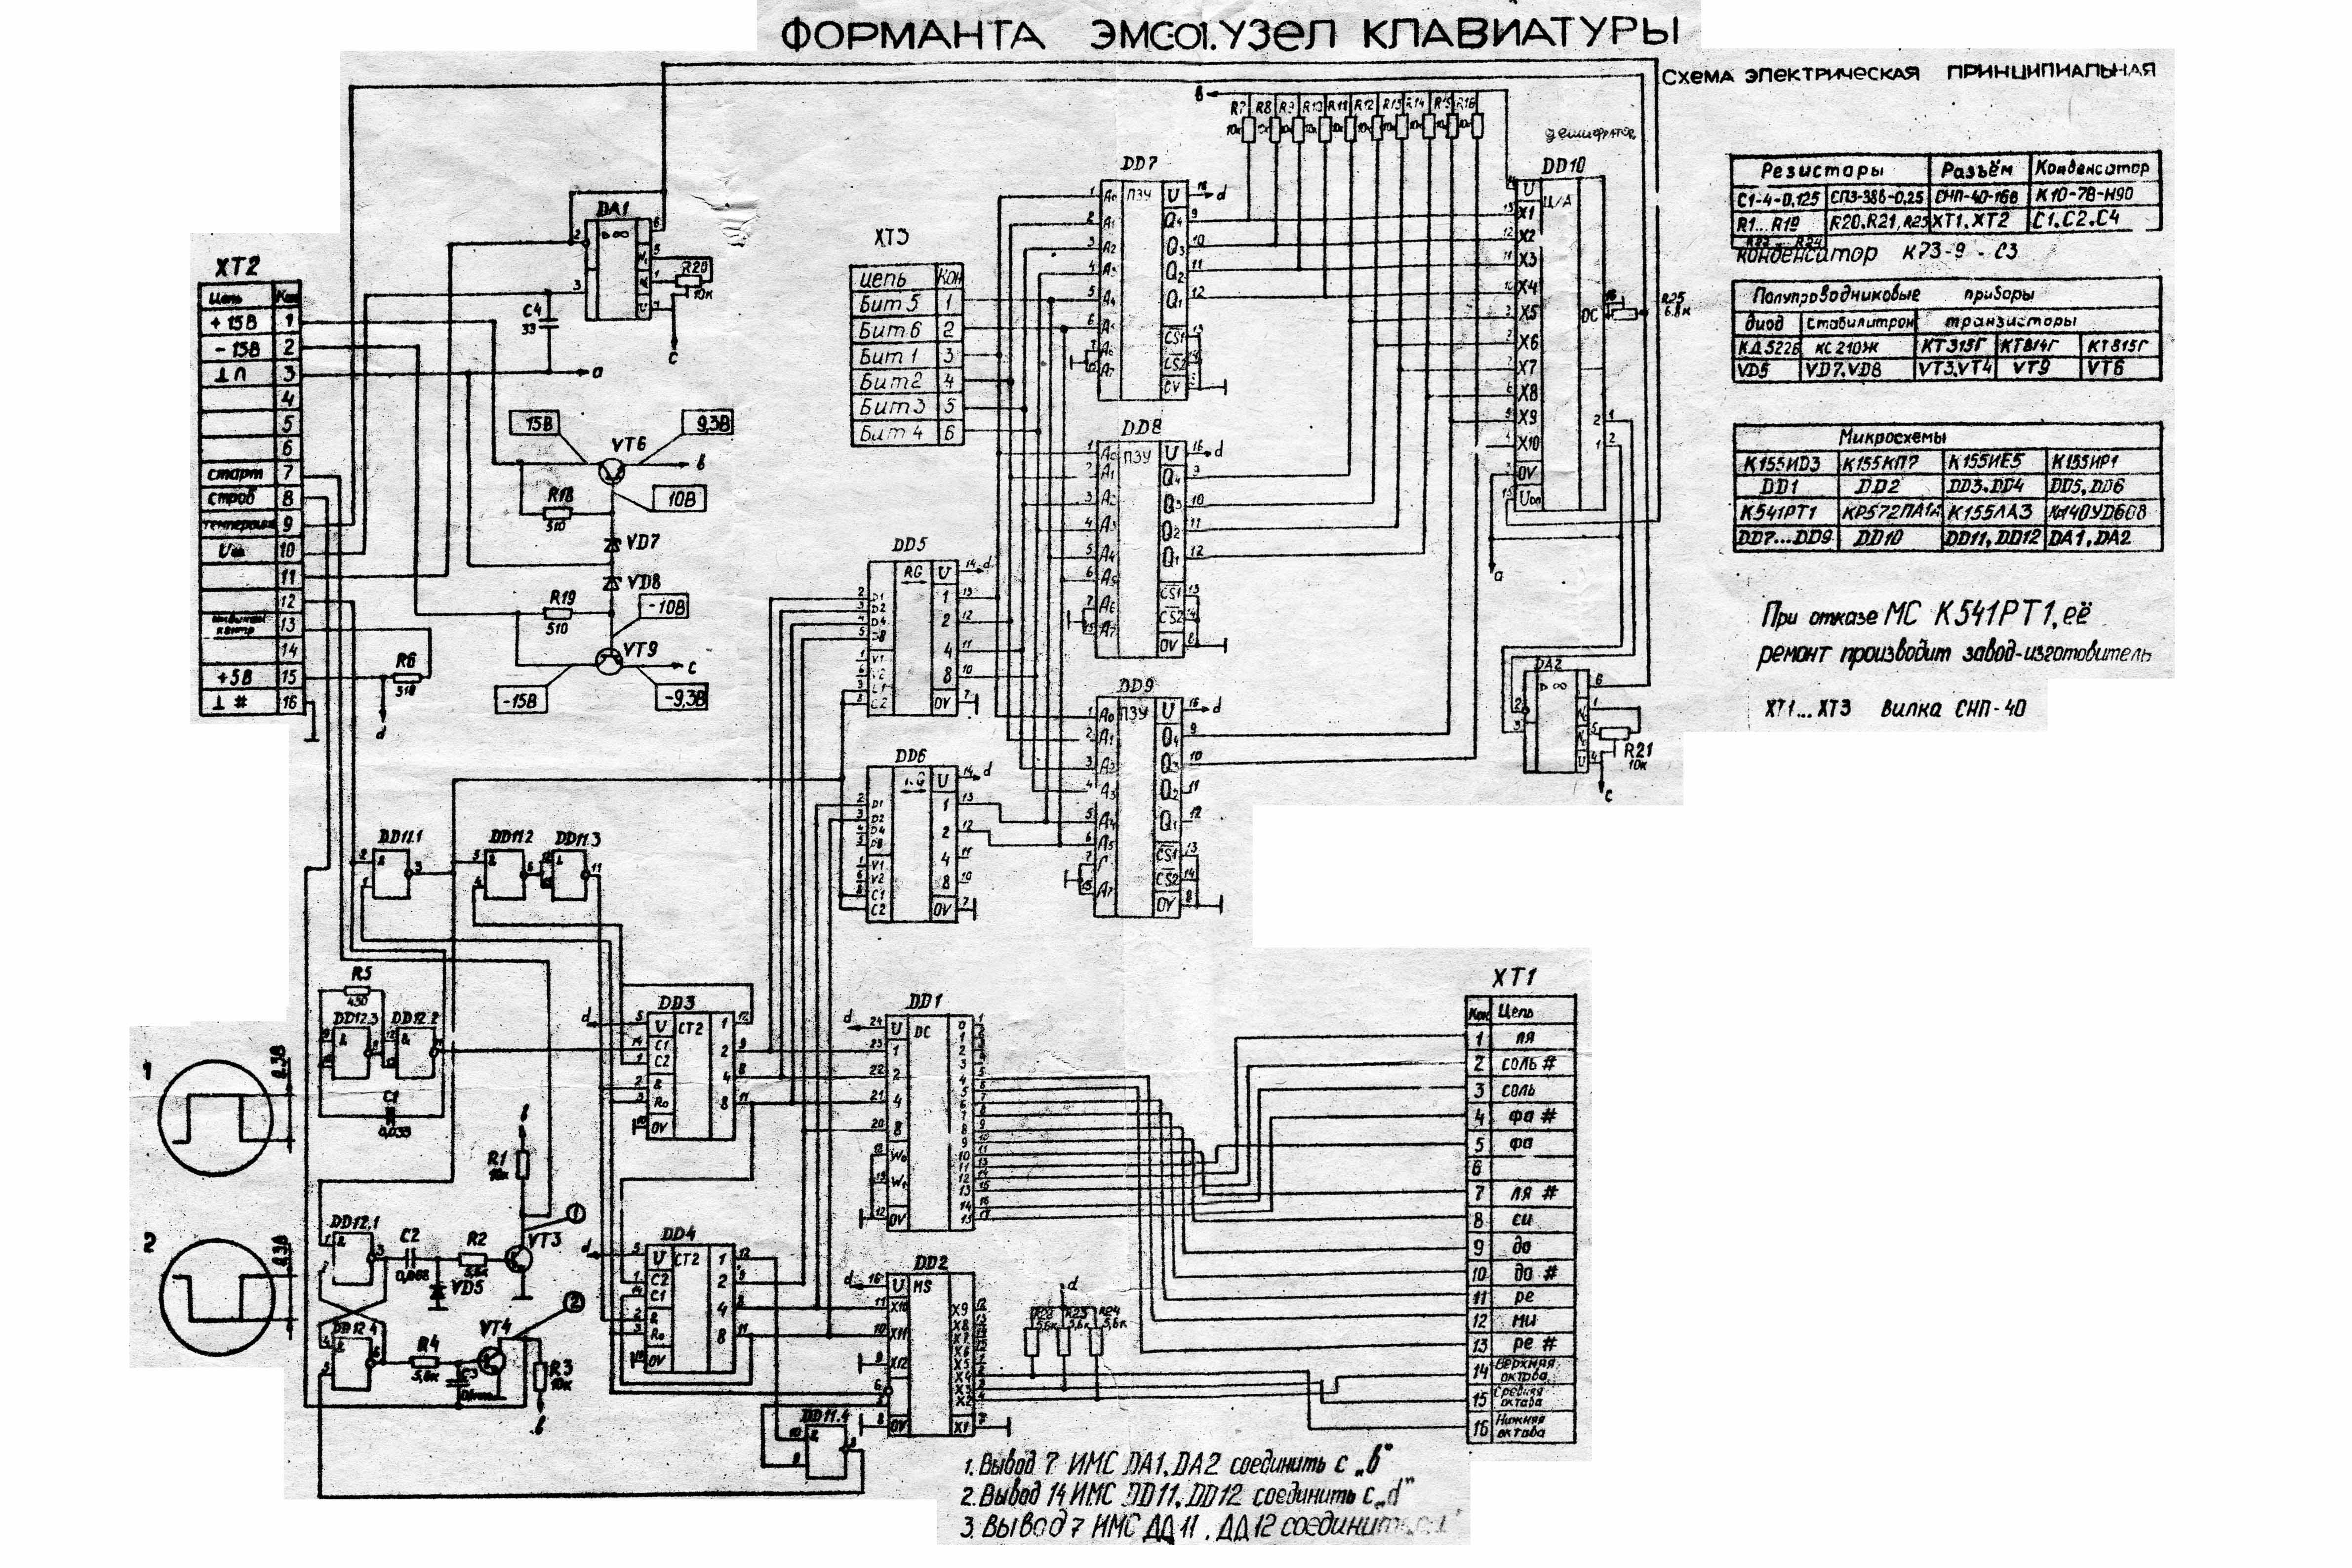 Нужна схема эквалайзера formanta, э 1812